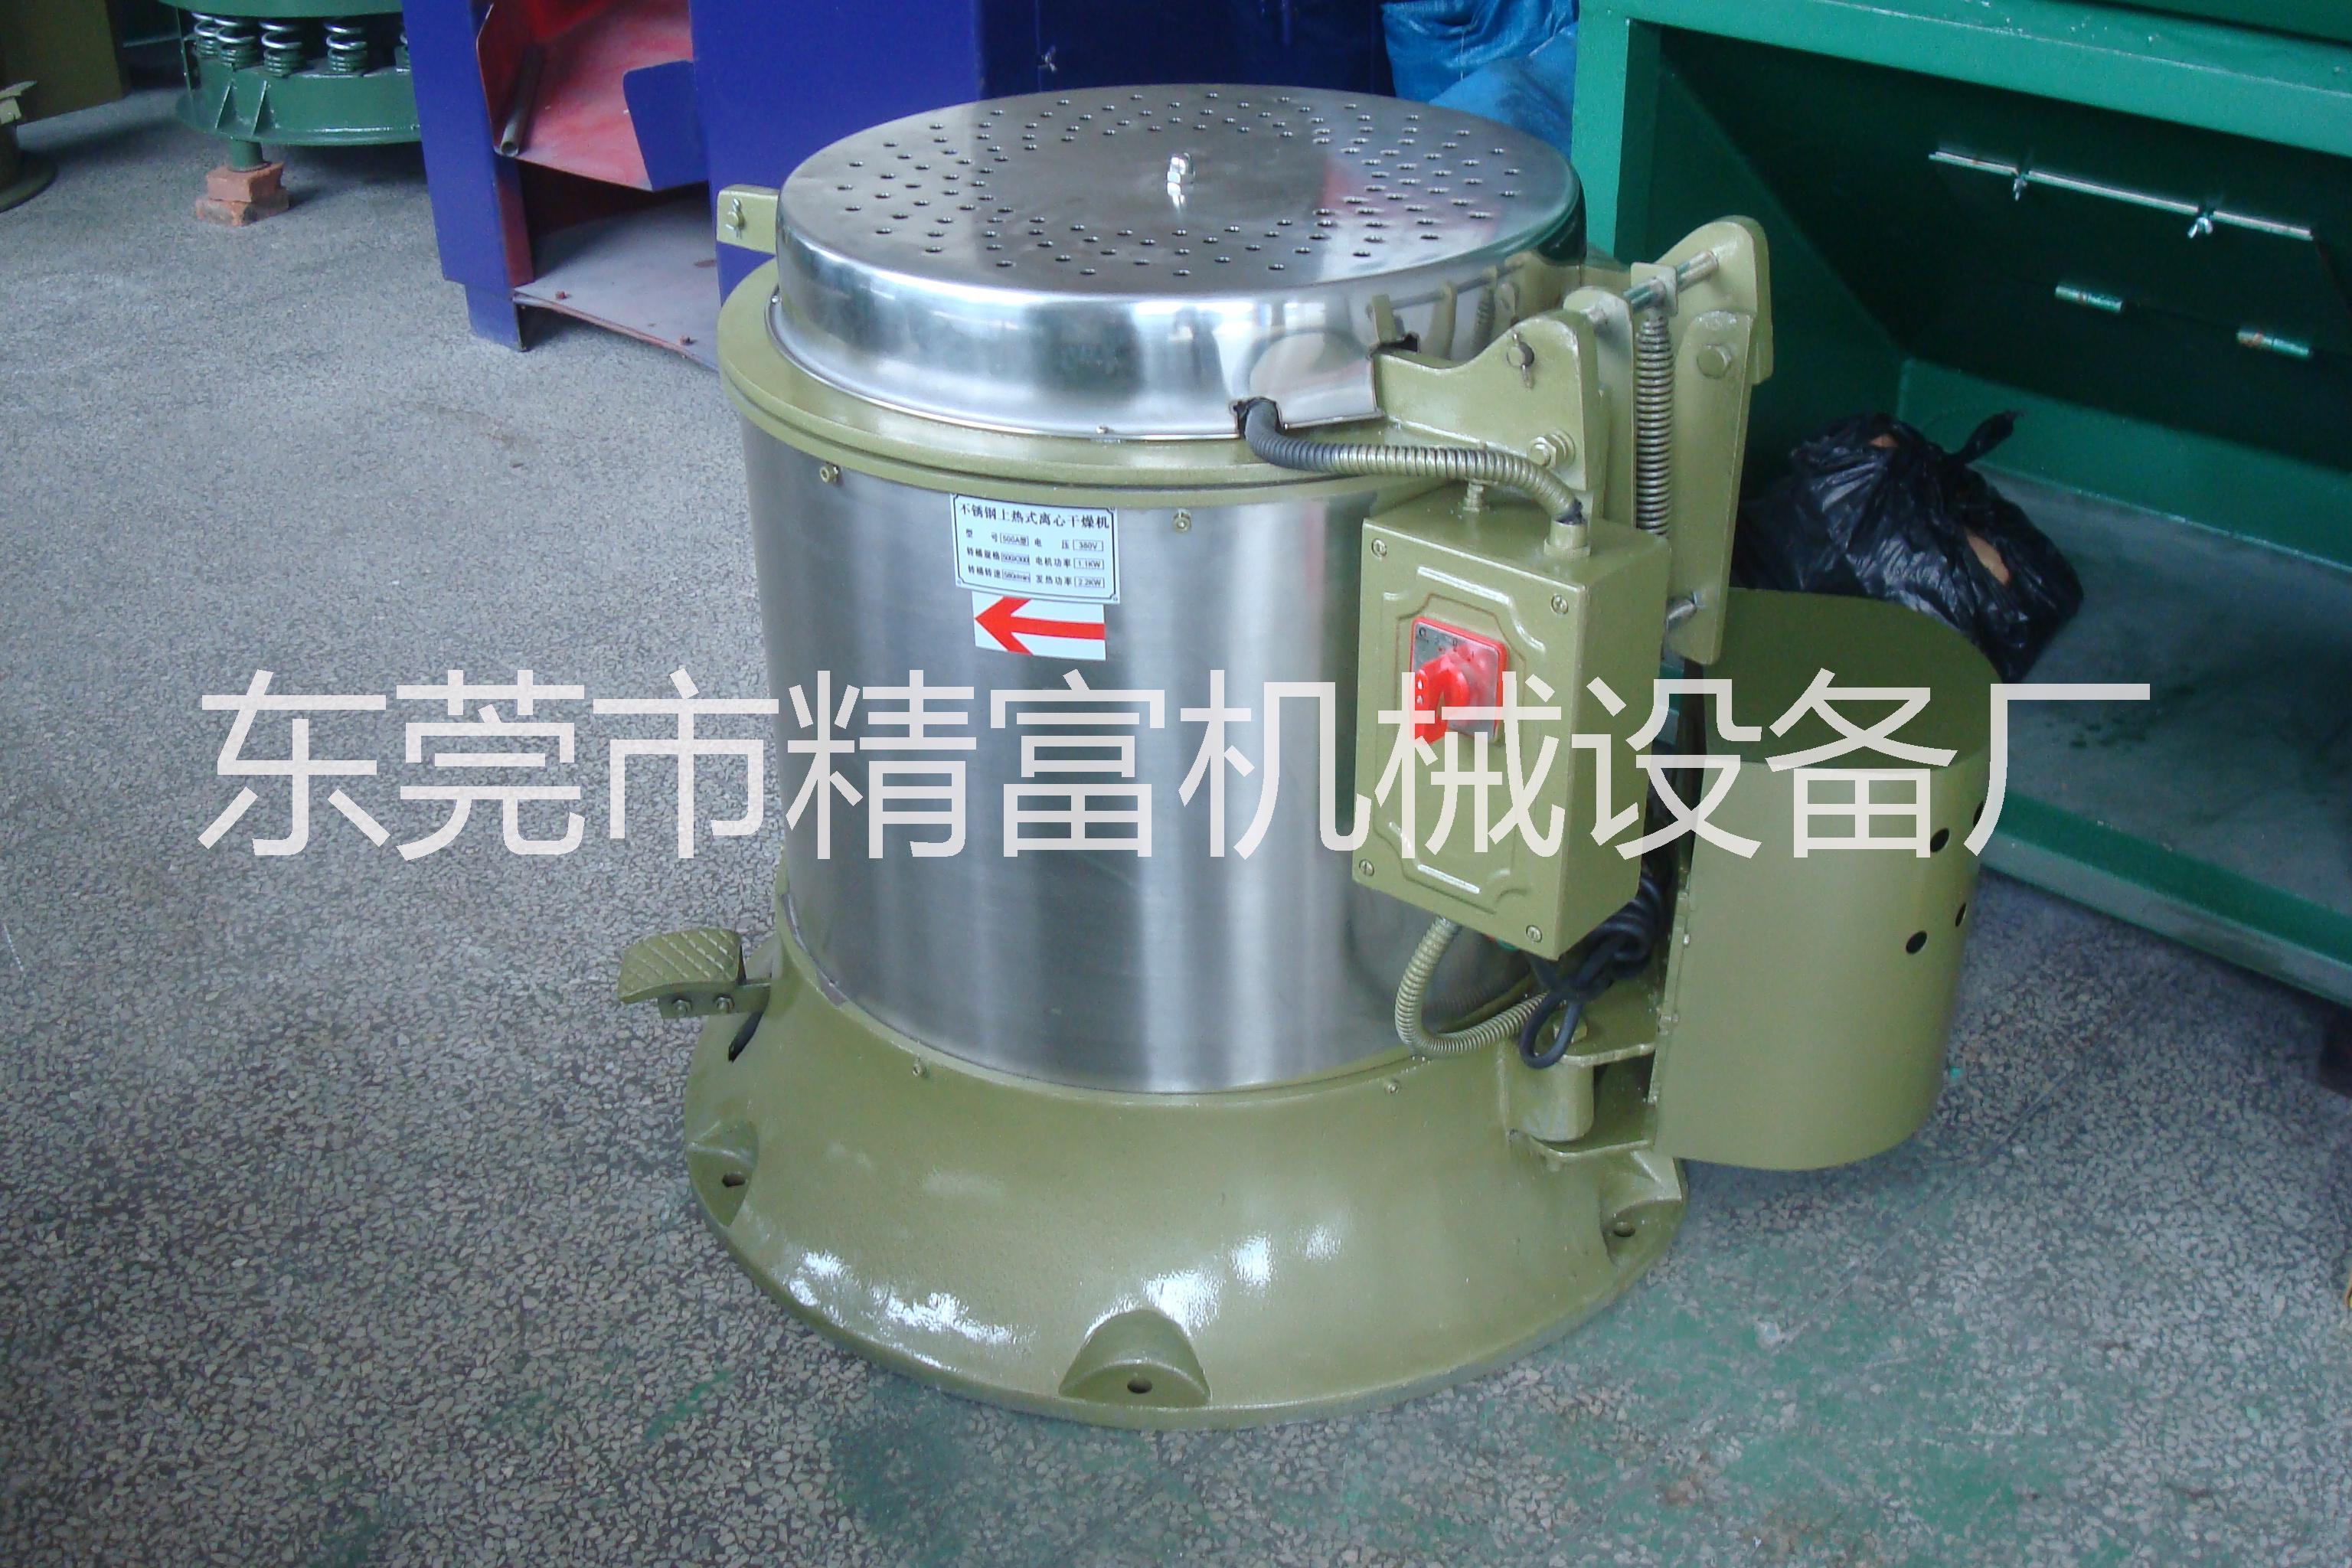 离心式脱水机烘干机 70L离心式脱水机烘干机 70L离心式脱水机、烘干机